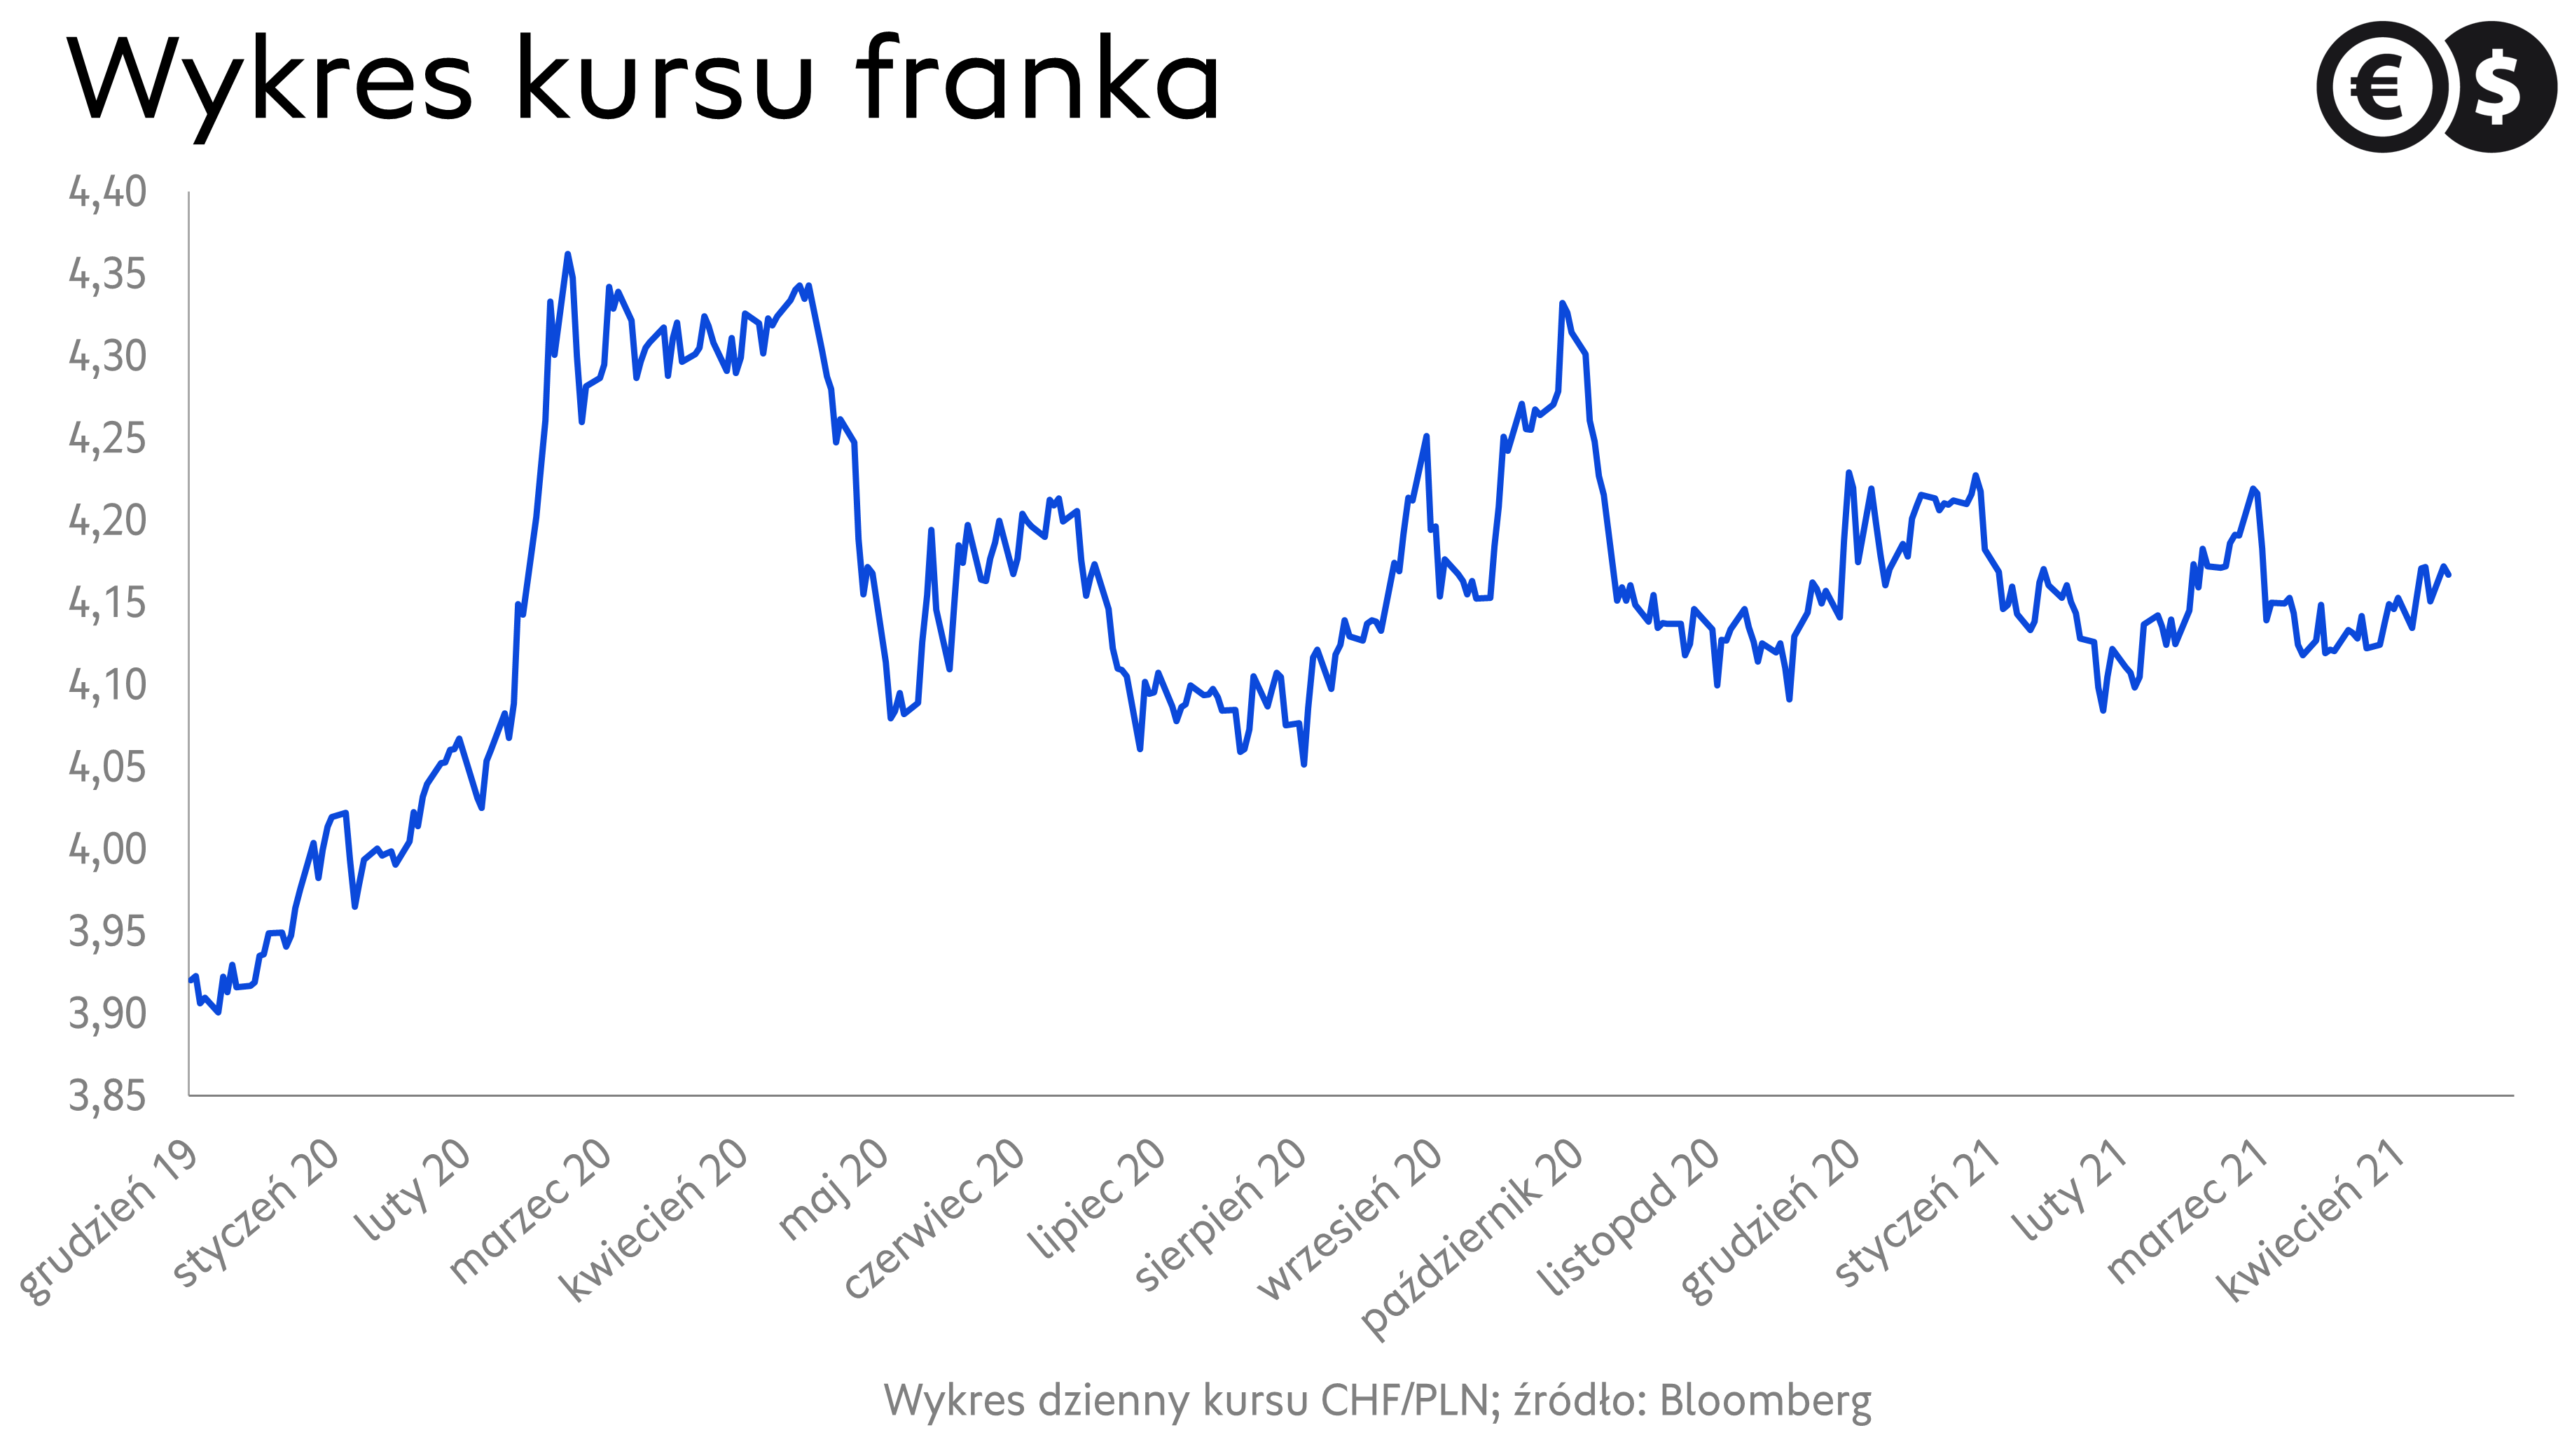 Kurs CHF/PLN, wykres dzienny kursu franka; źródło: Bloomberg